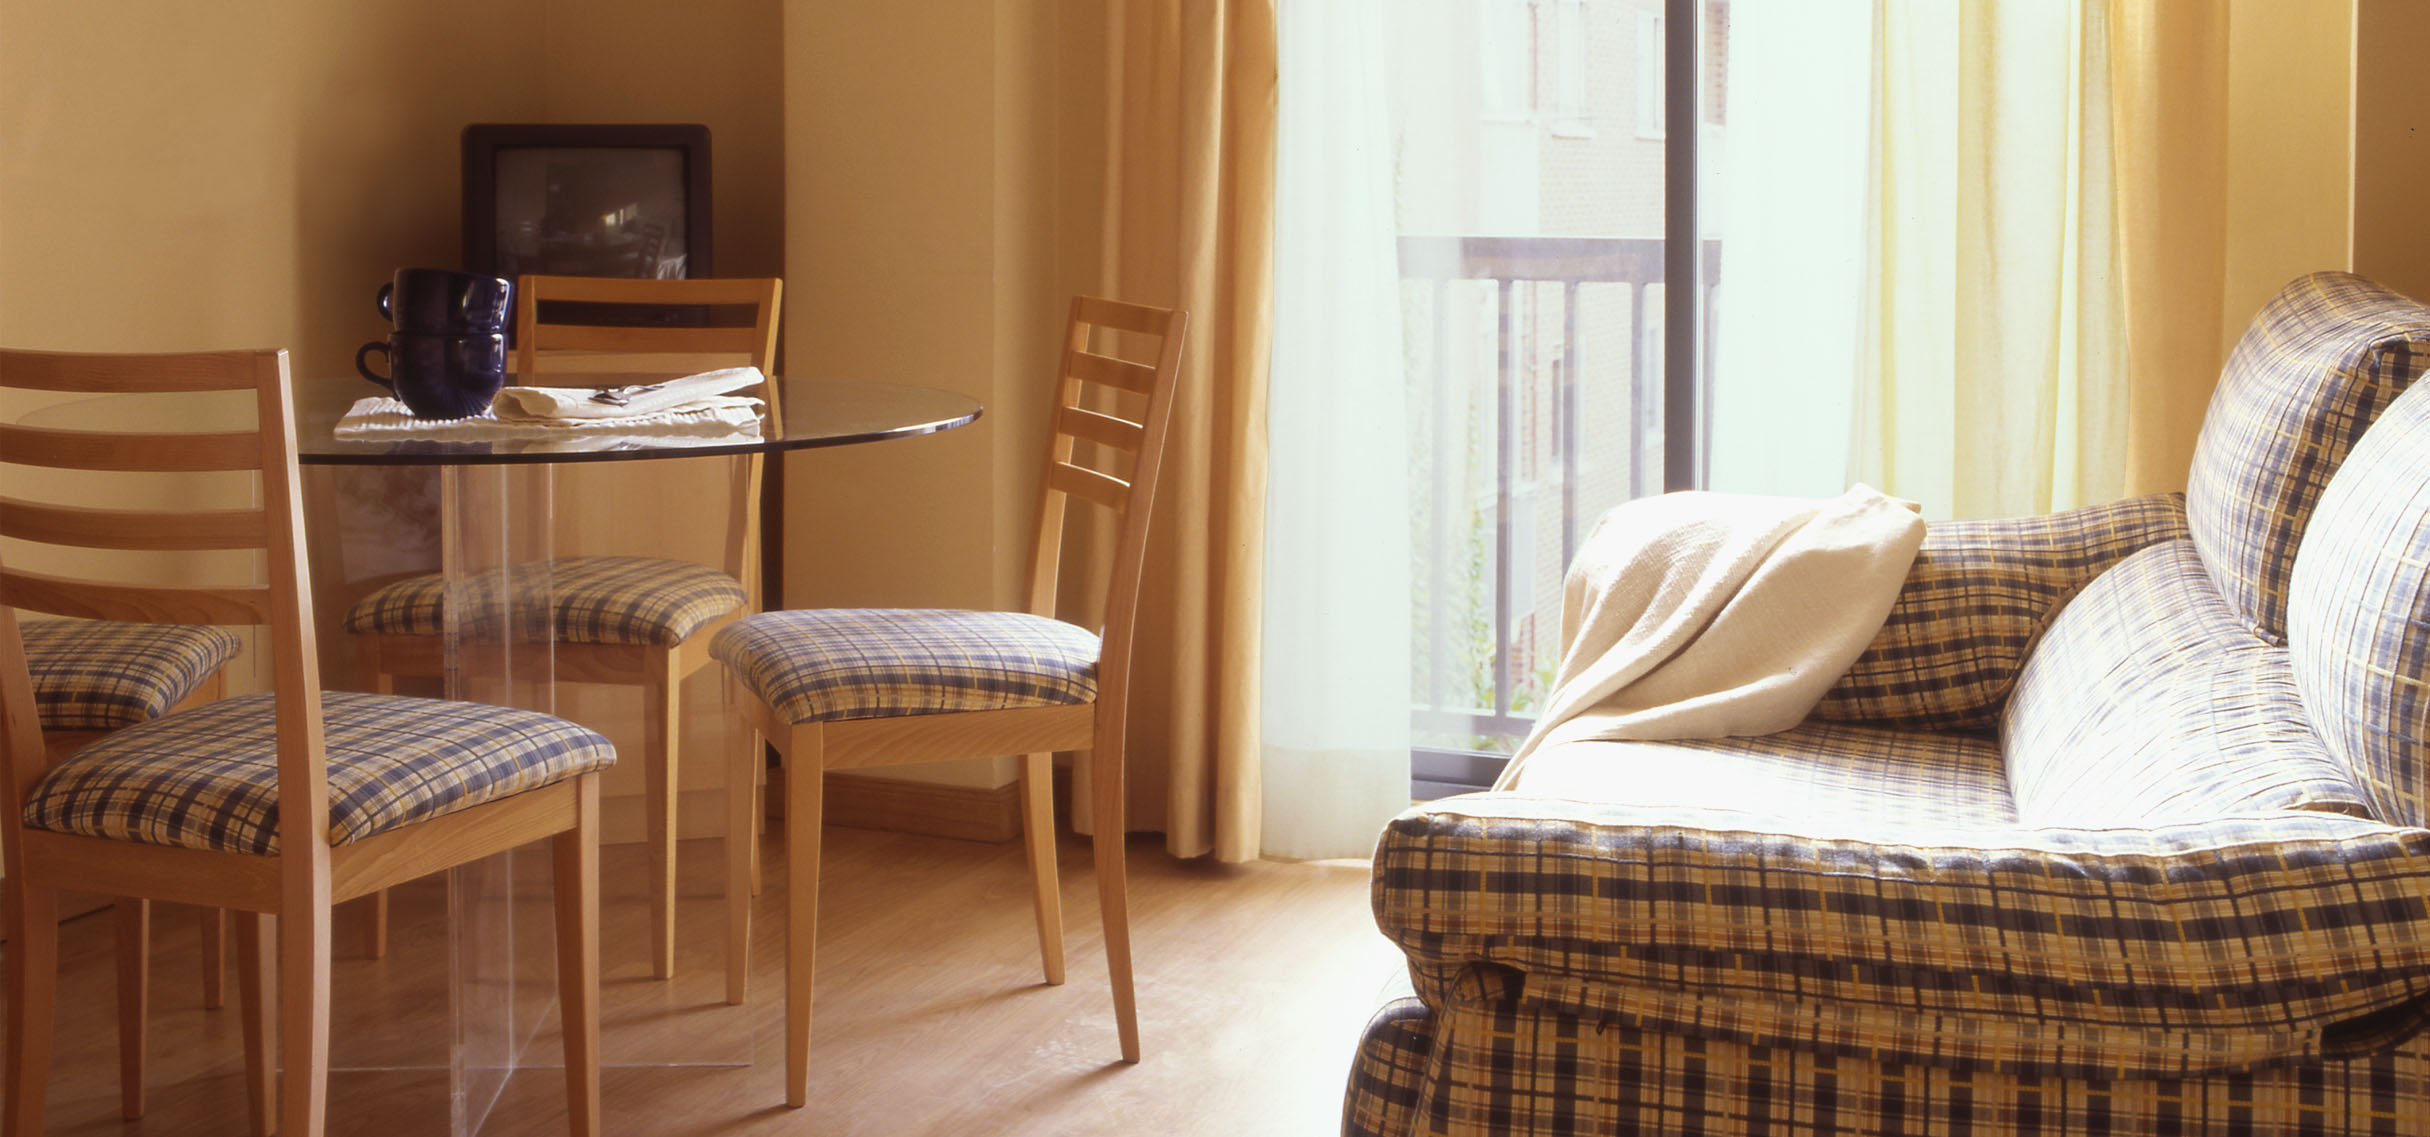 pisos alquiler baratos madrid